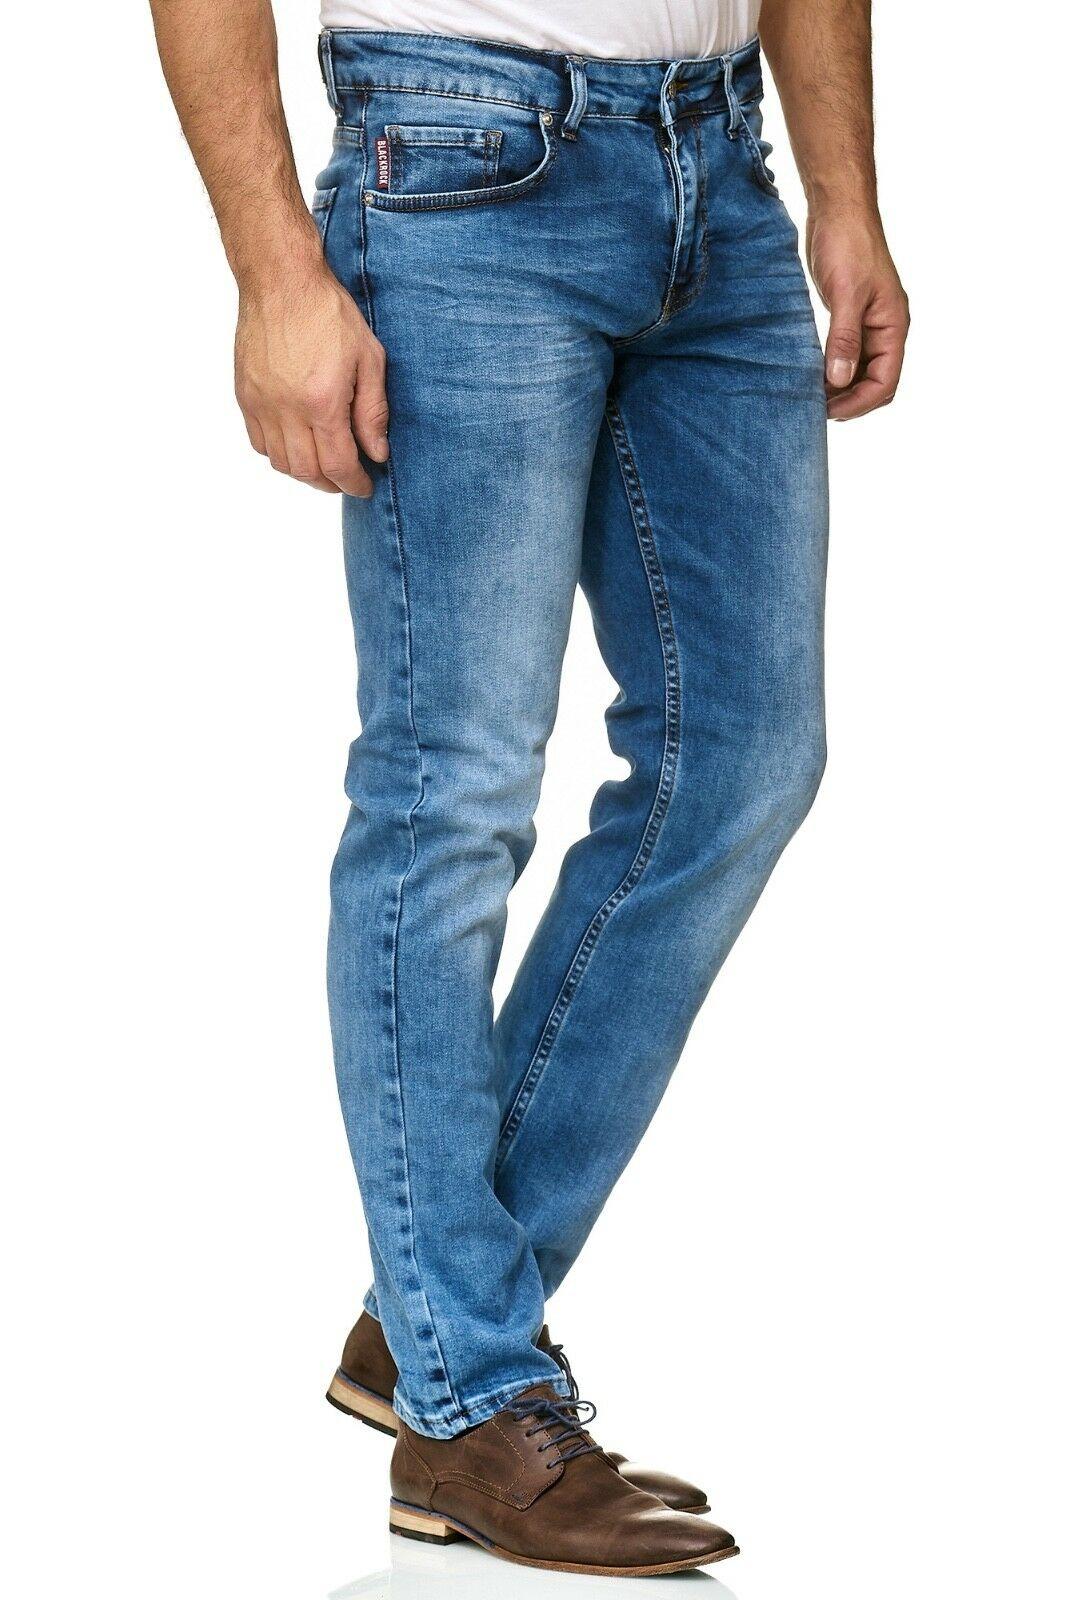 Herren-Jeanshosen-Stretch-Hose-Slim-fit-SKINNY-Jeans-Blau-Schwarz-Grau-Weiss Indexbild 54